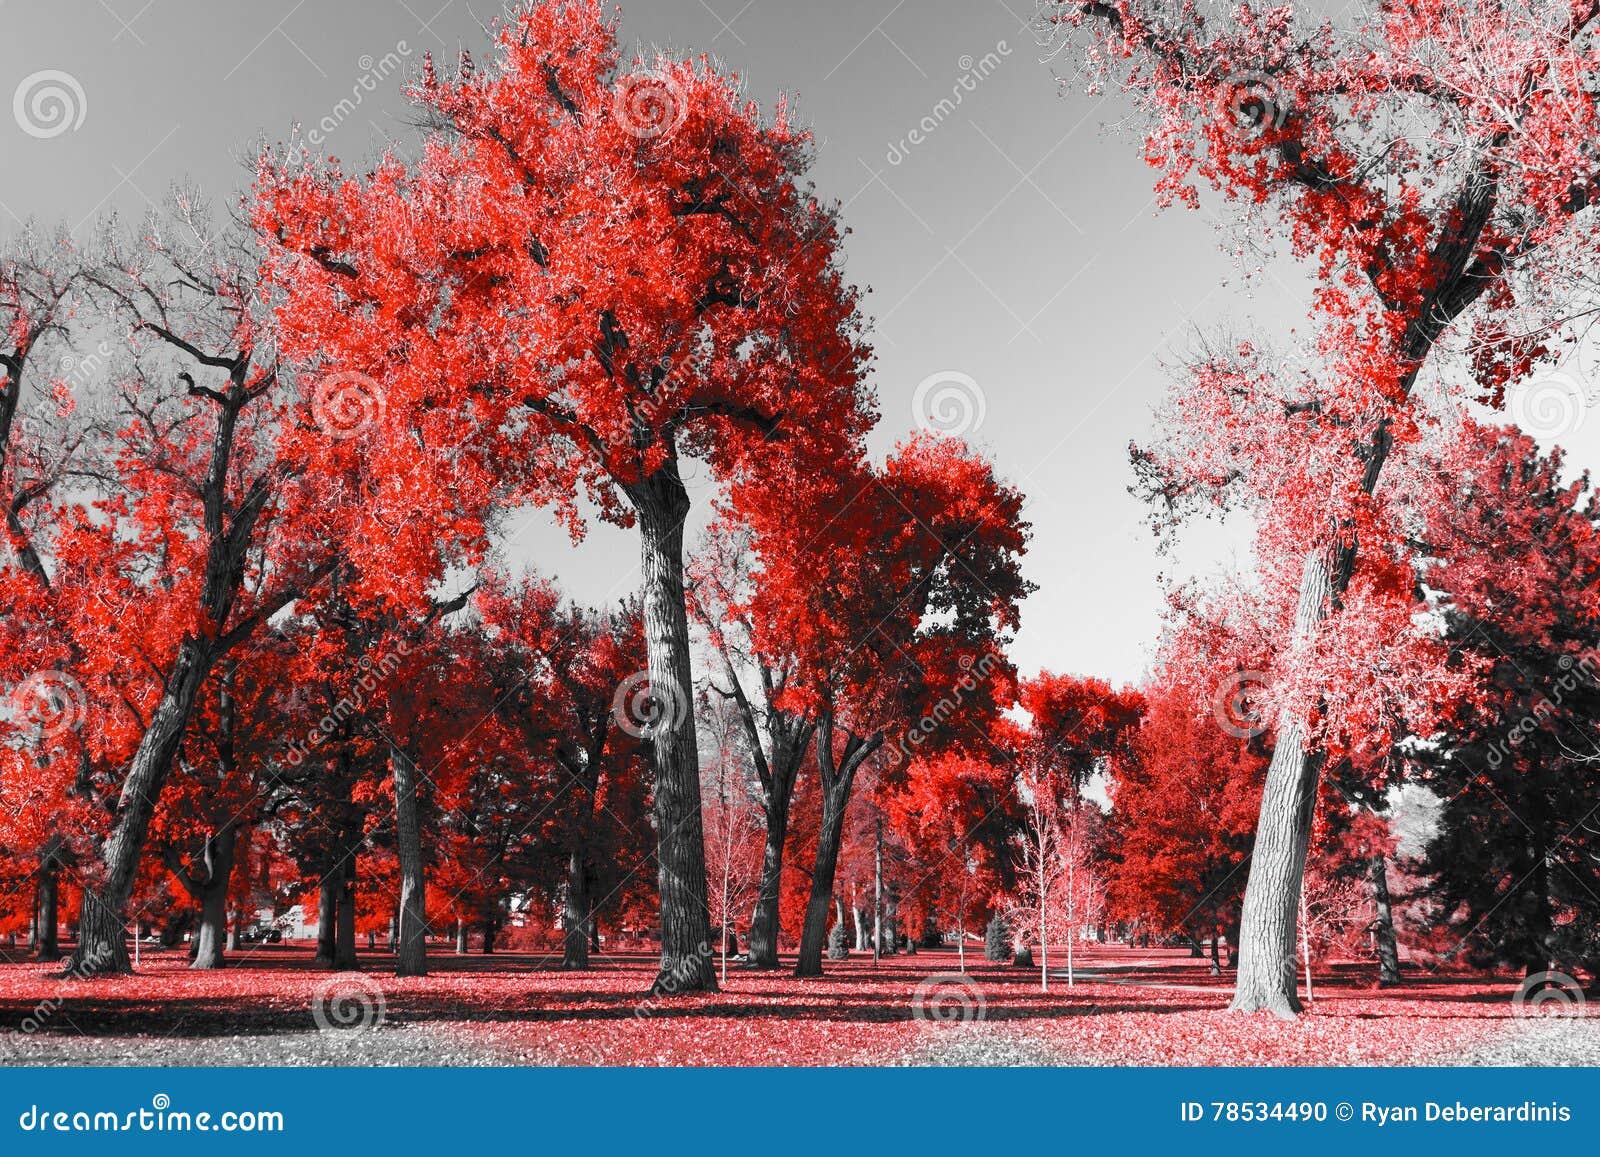 For t rouge dans le paysage noir et blanc photo stock image 78534490 - Le rouge et le blanc ...